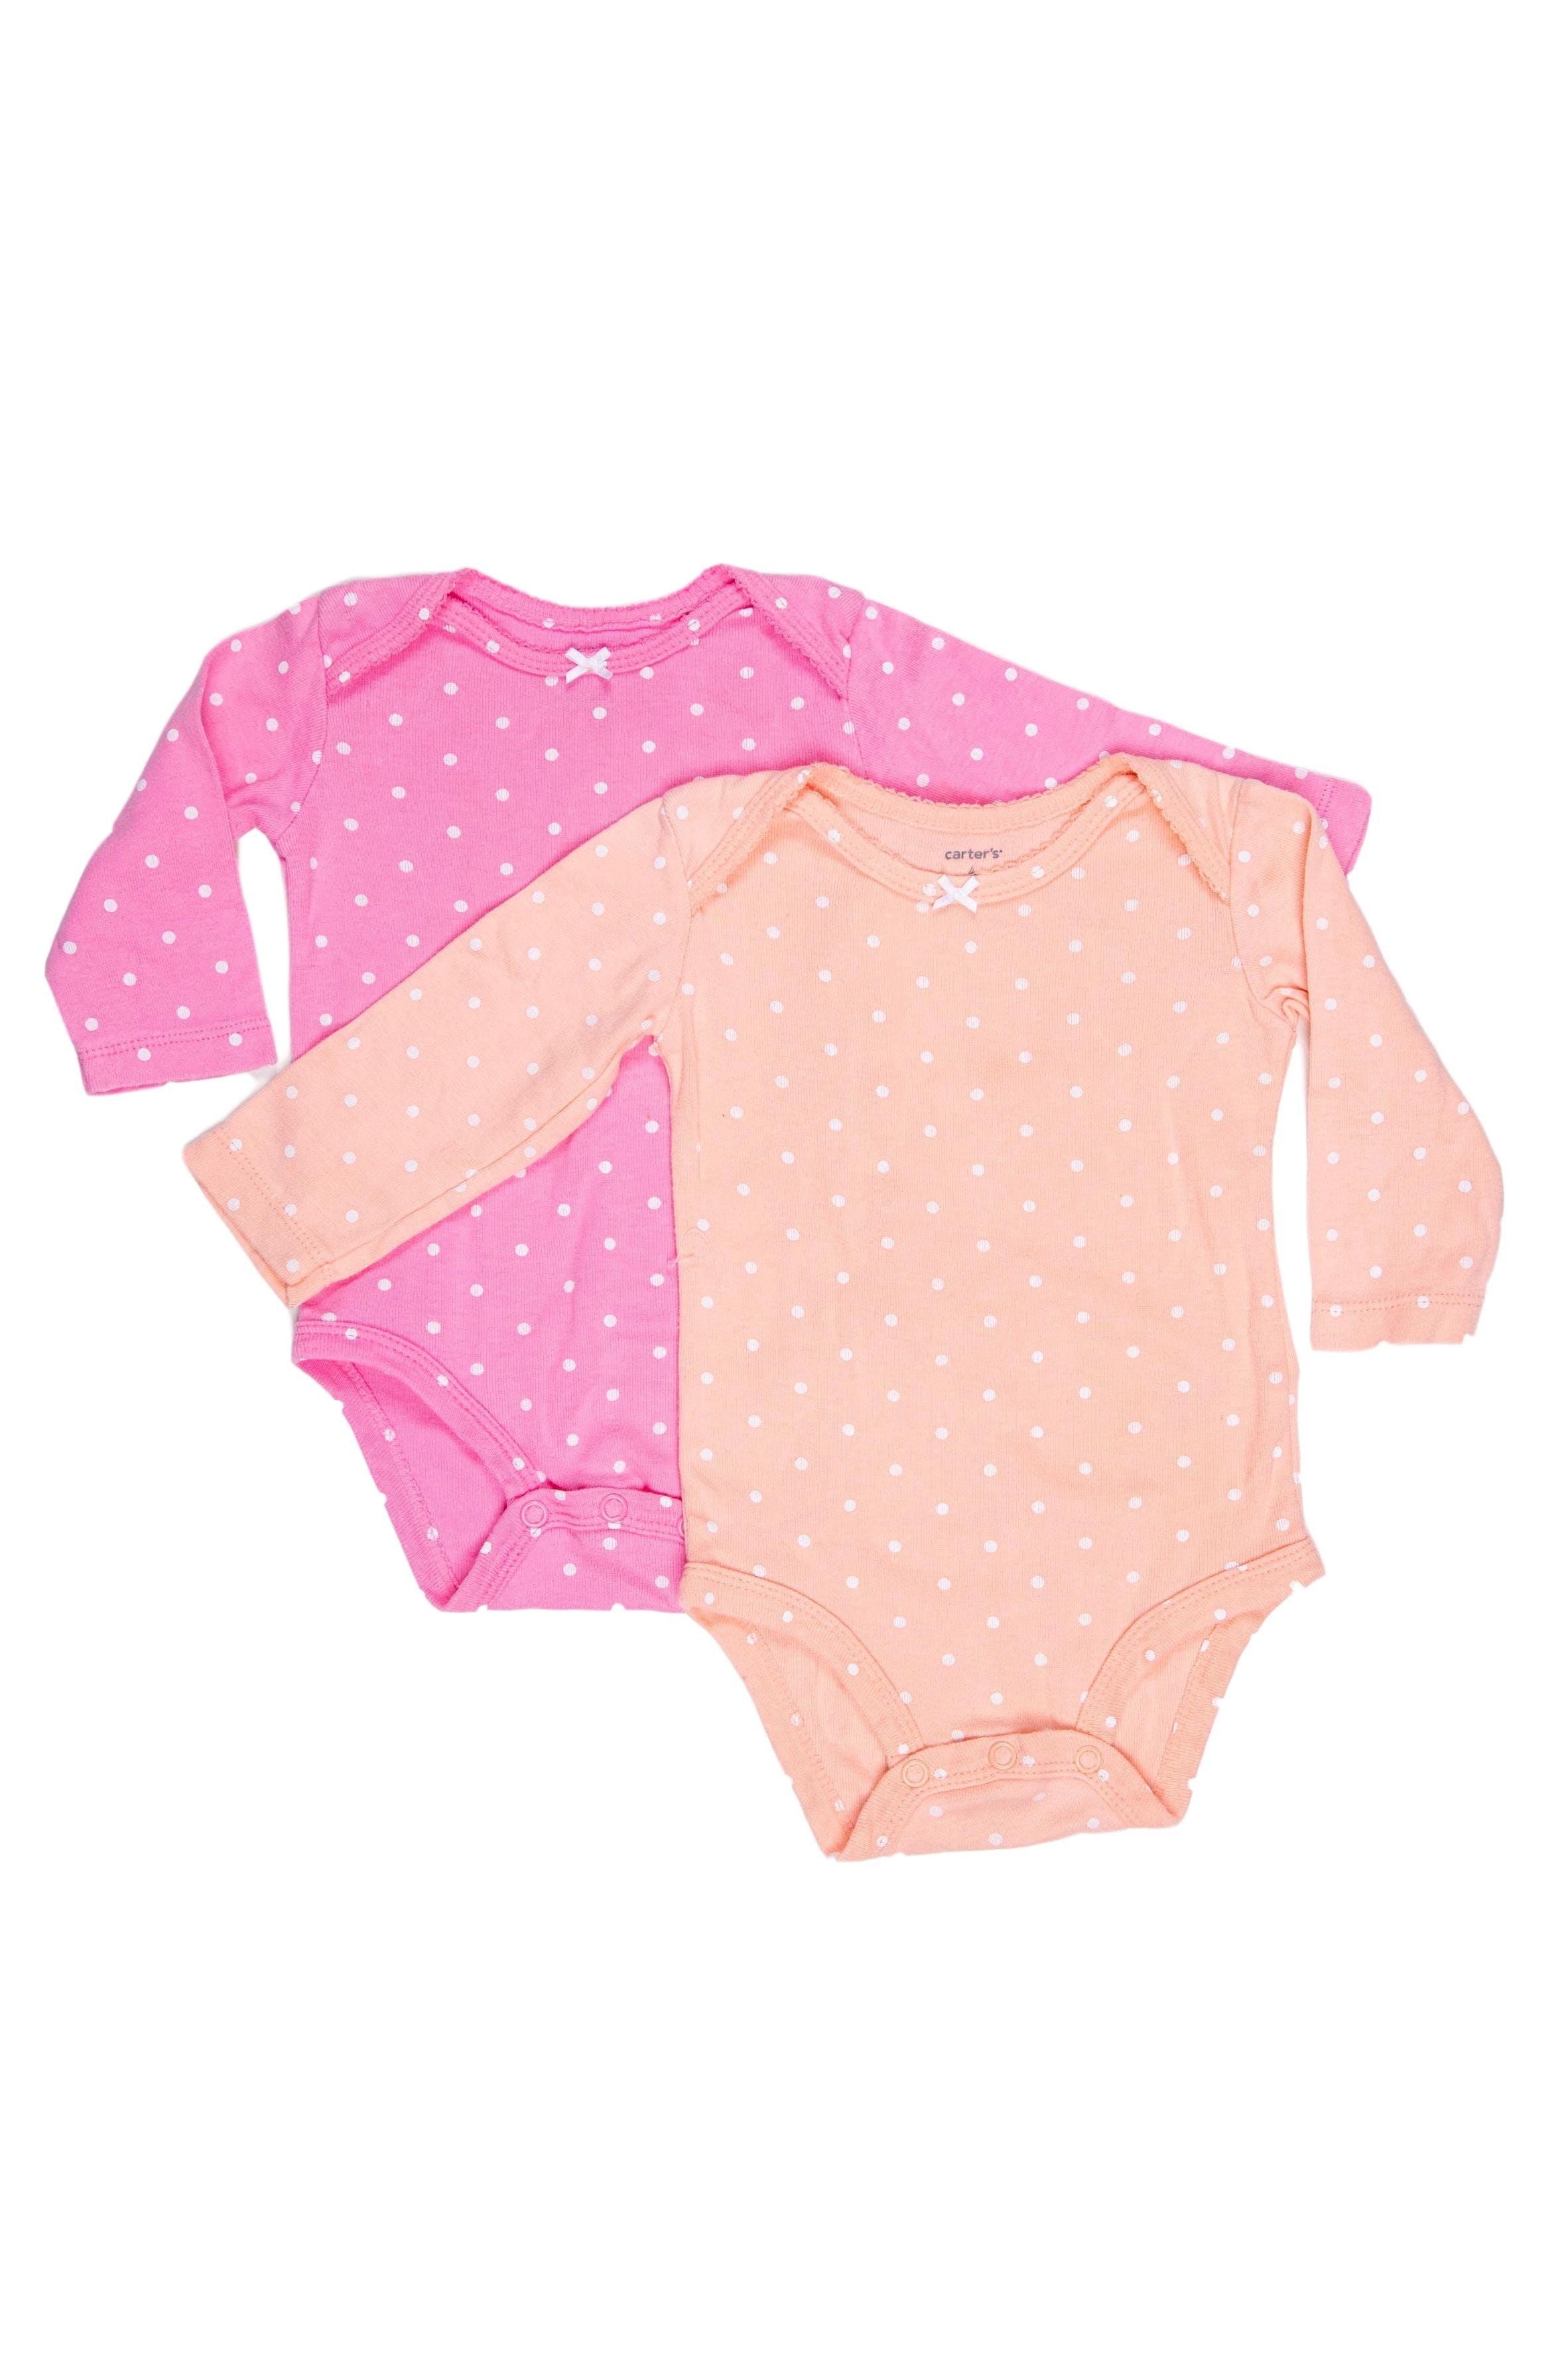 Melón y rosado con puntos blancos 100% algodón - Carter's